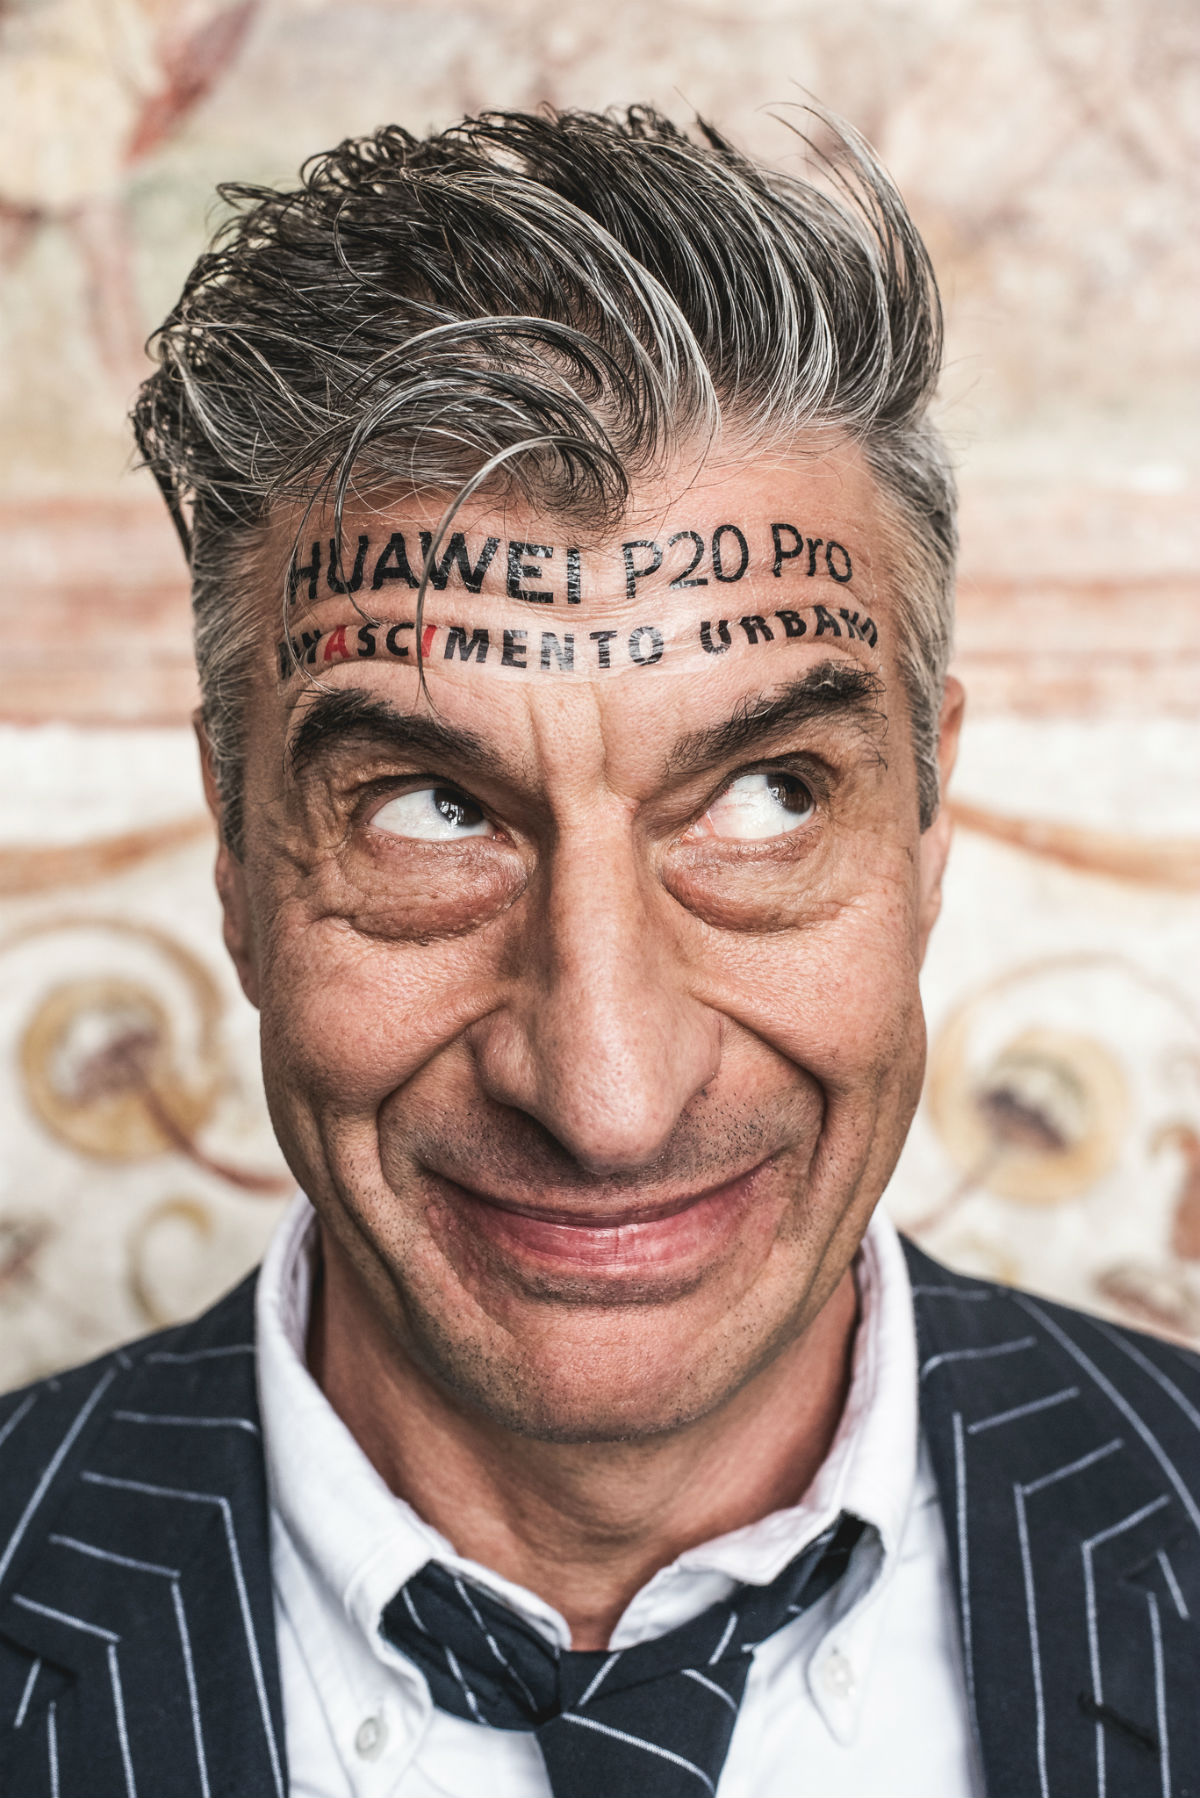 Maurizio Cattelan per Huawei P20 - Foto stampa